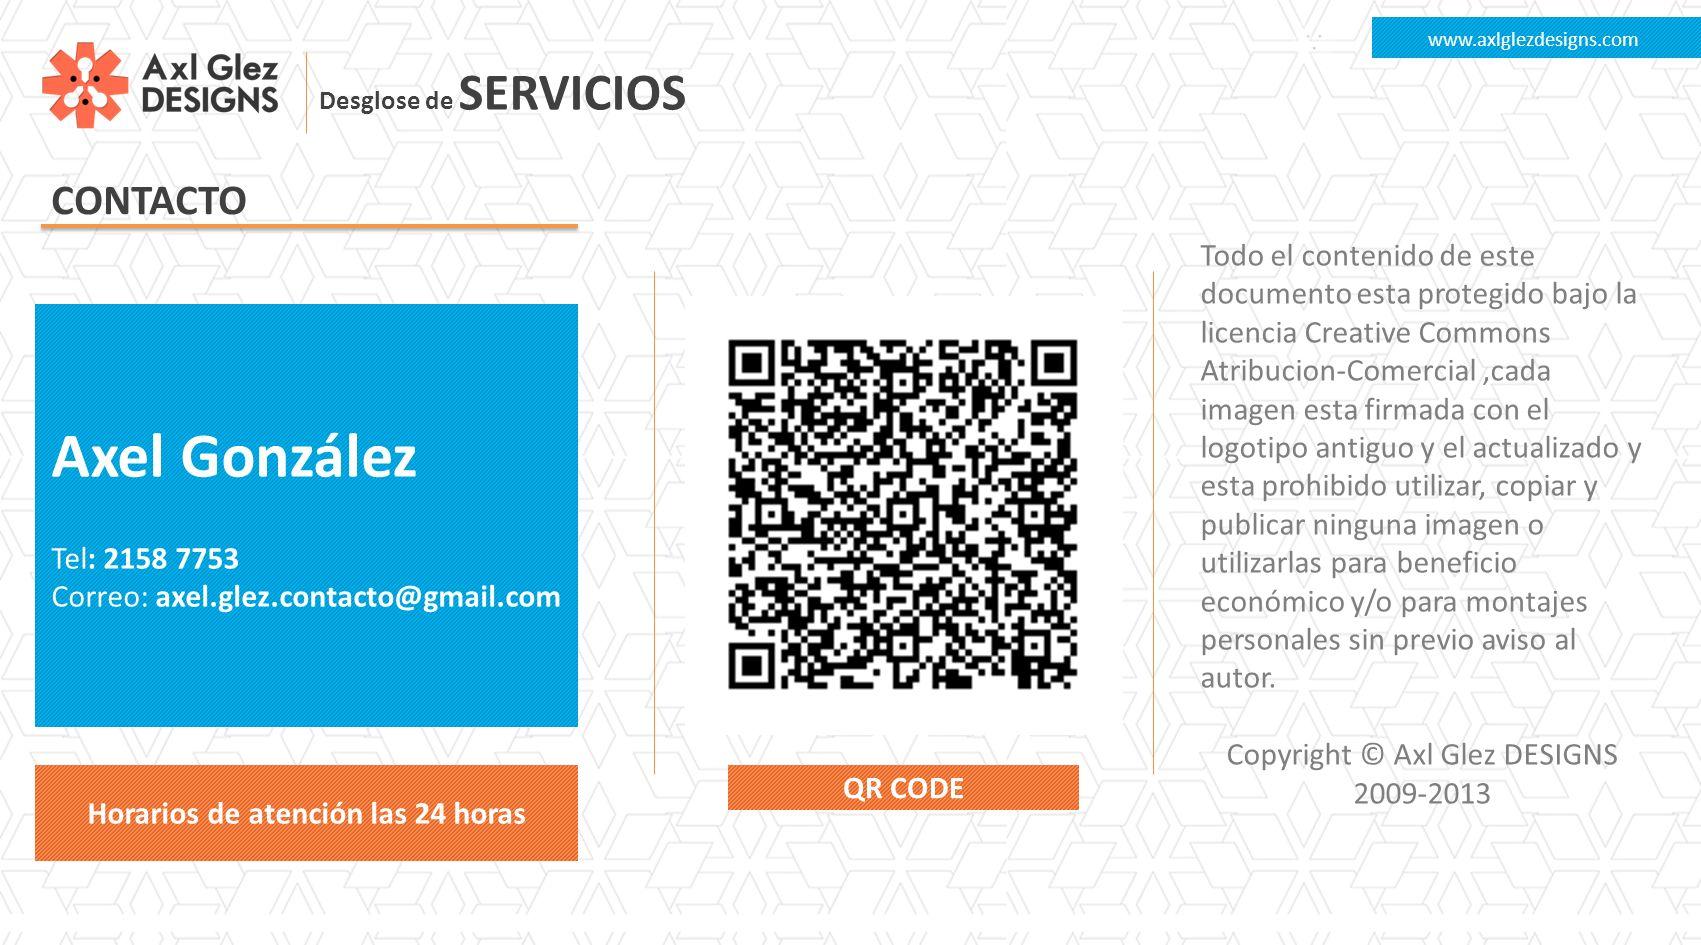 Desglose de SERVICIOS www.axlglezdesigns.com CONTACTO Axel González Tel: 2158 7753 Correo: axel.glez.contacto@gmail.com QR CODE Todo el contenido de e